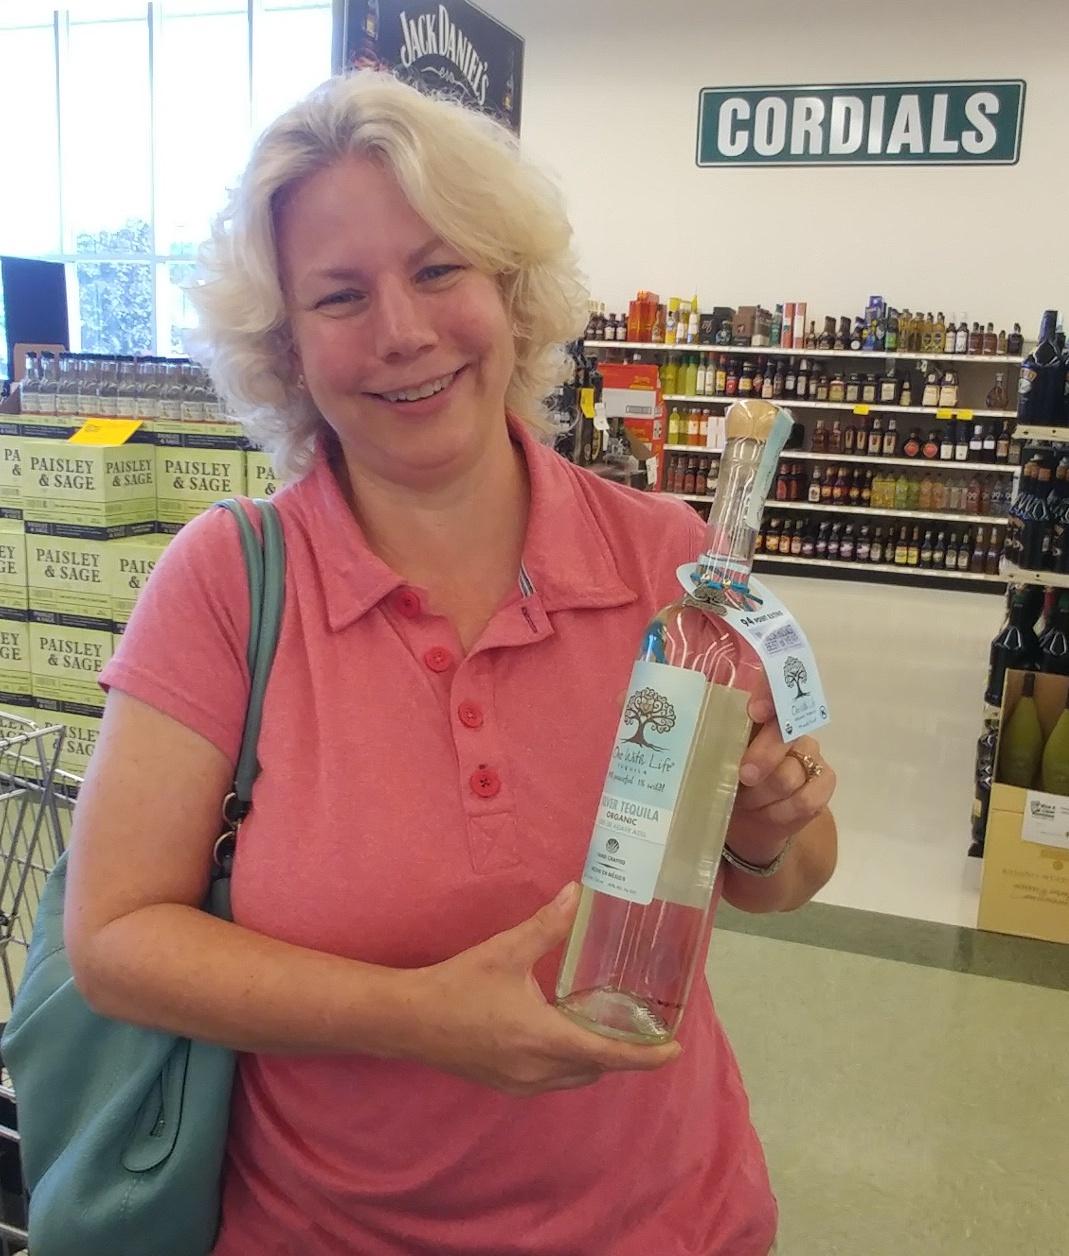 Exit 9 Wine & Liquor Warehouse